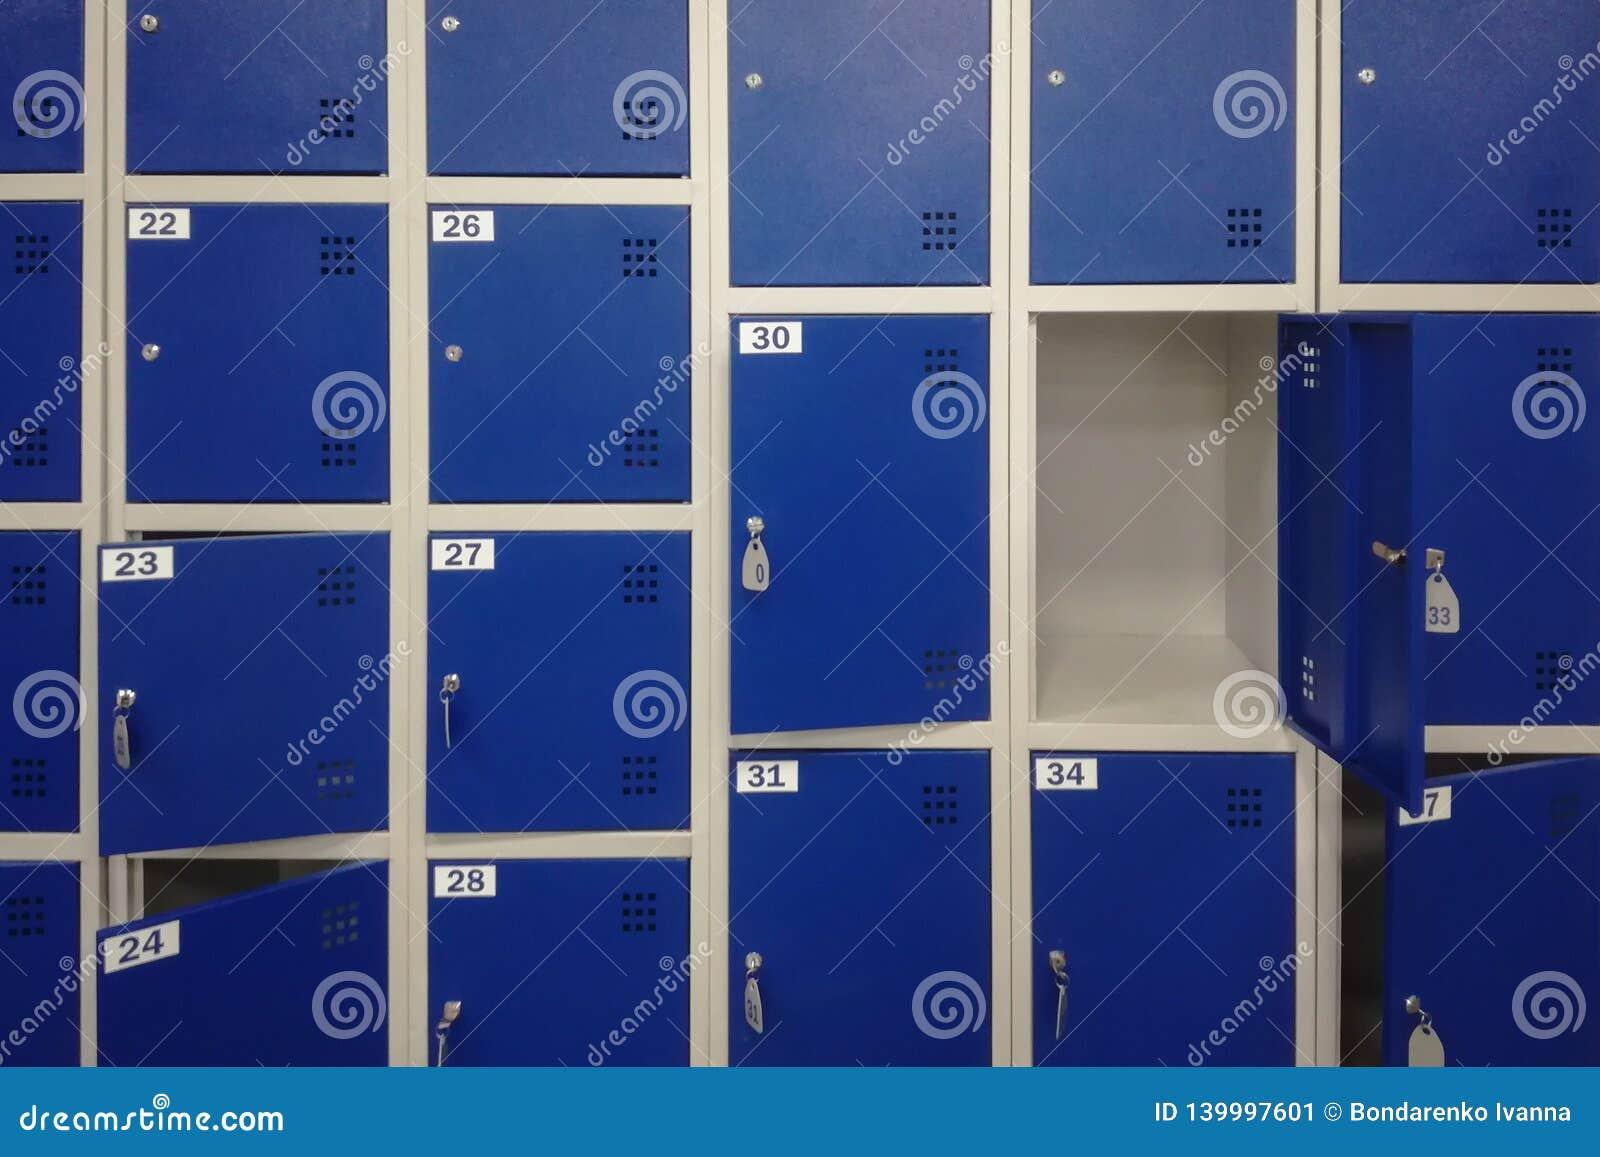 Células en un almacenamiento azul del equipaje del color con llaves y un fondo de la puerta abierta